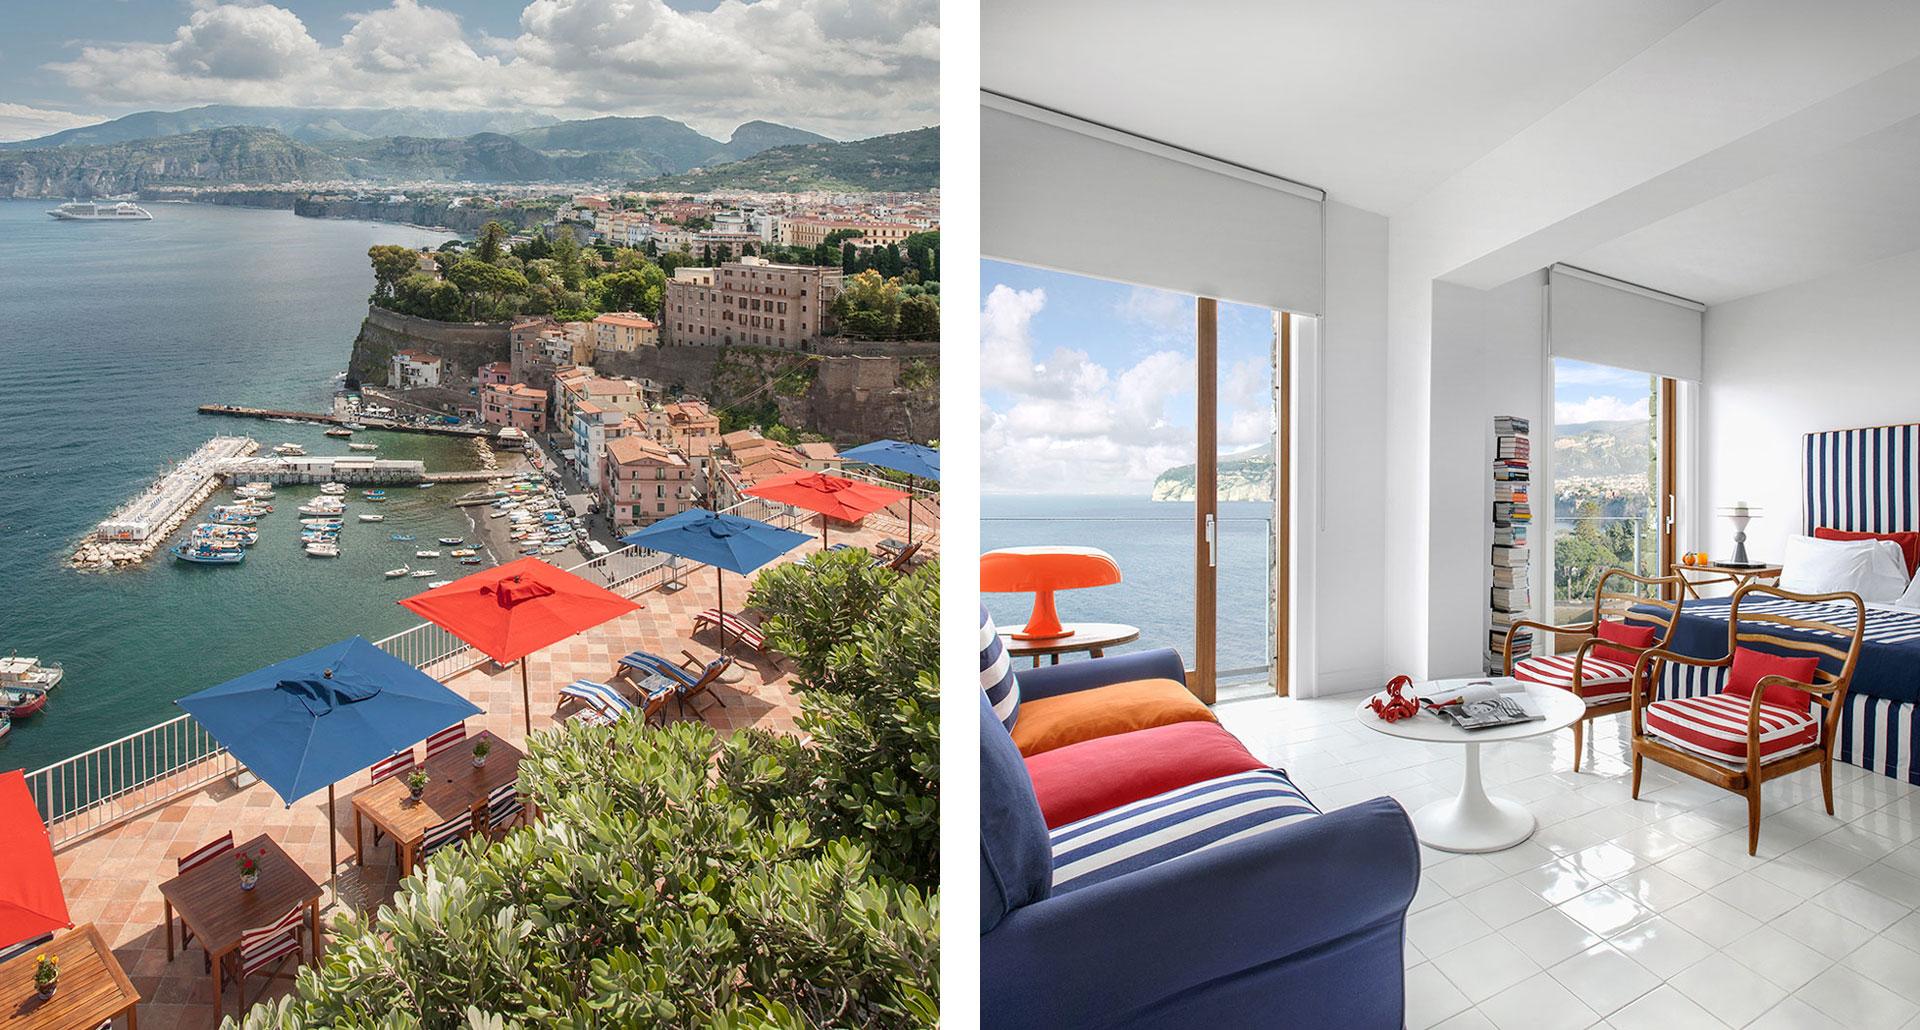 La Minervetta - boutique hotel in Sorrento